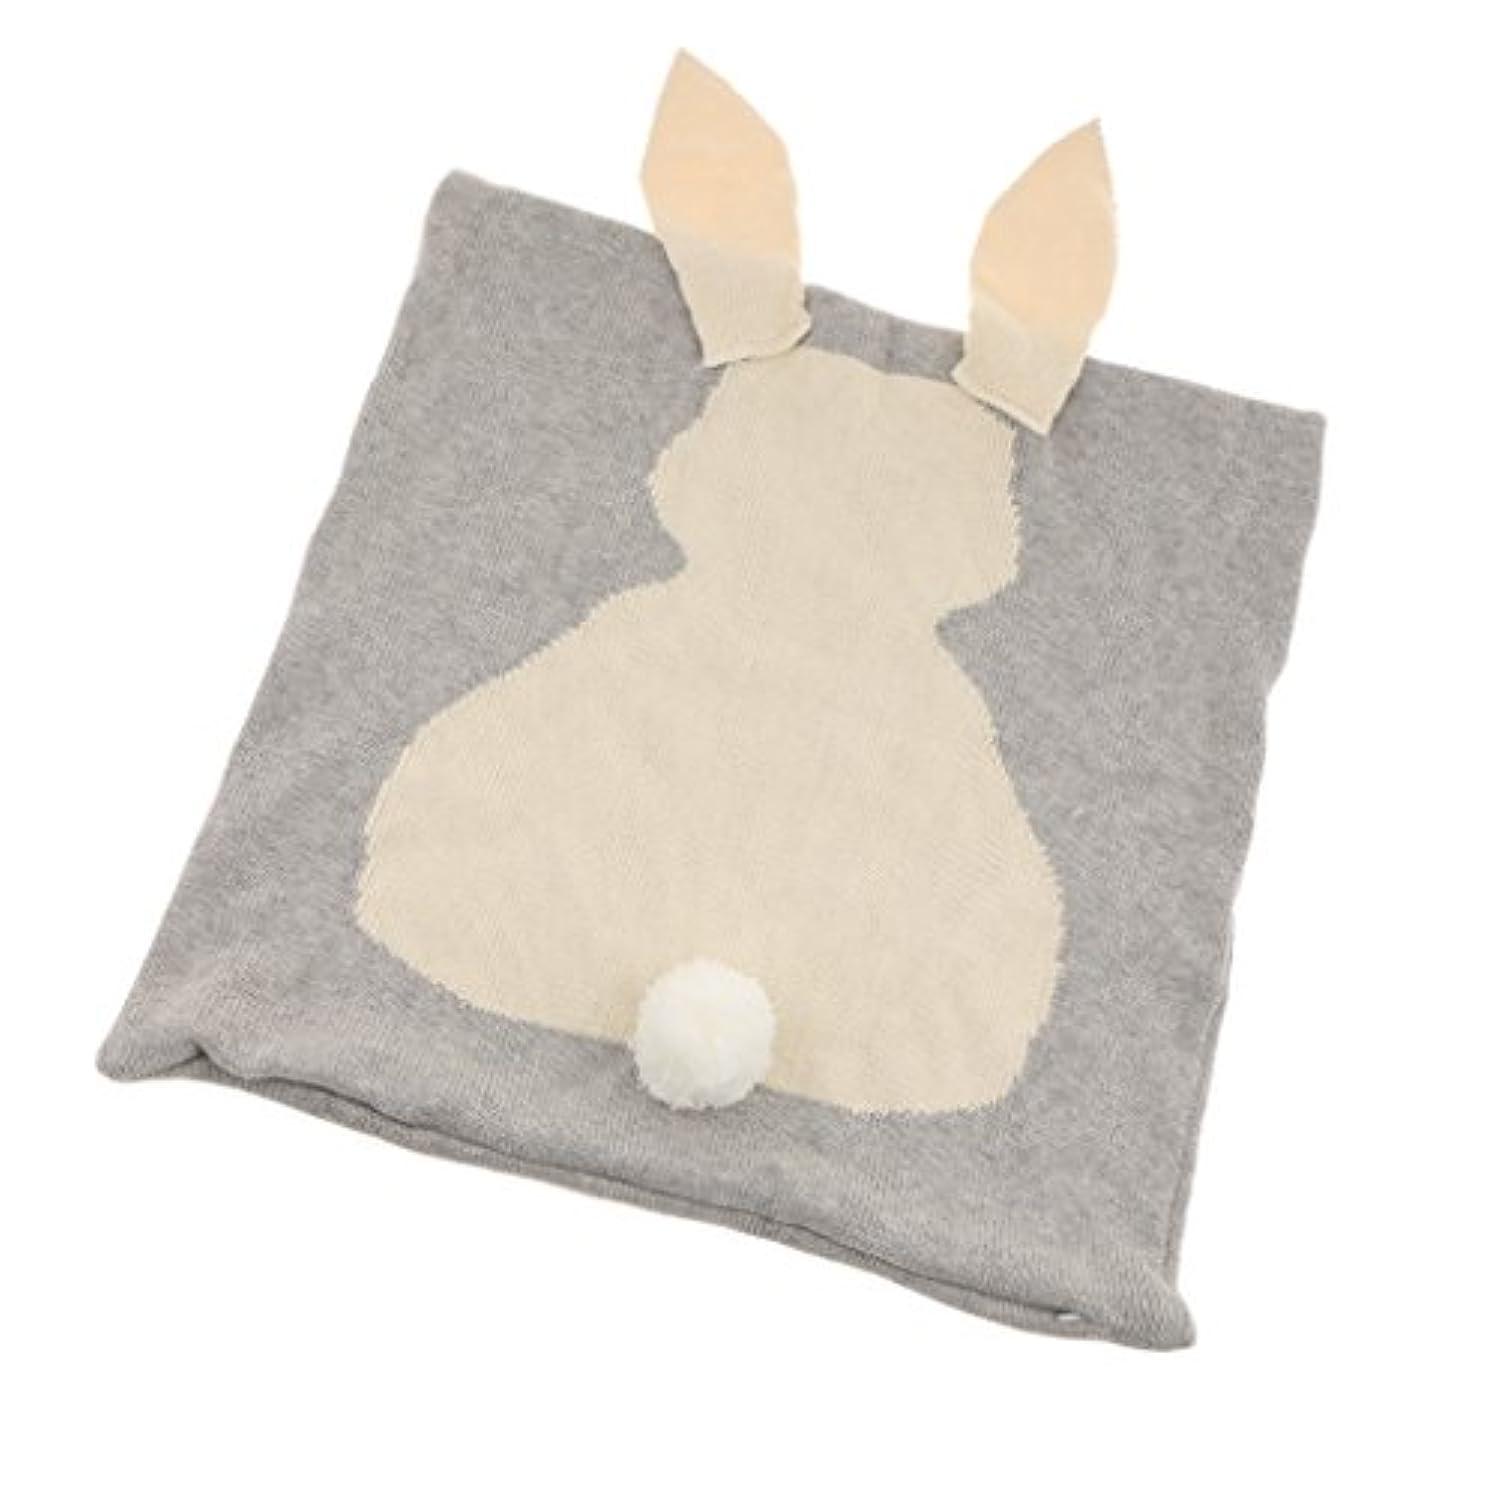 道に迷いましたベルベット合意コットンニットかわいいウサギ枕カバートロー枕ケース車のソファクッションカバー家の装飾(45 Cm X 45 Cm) - グレー